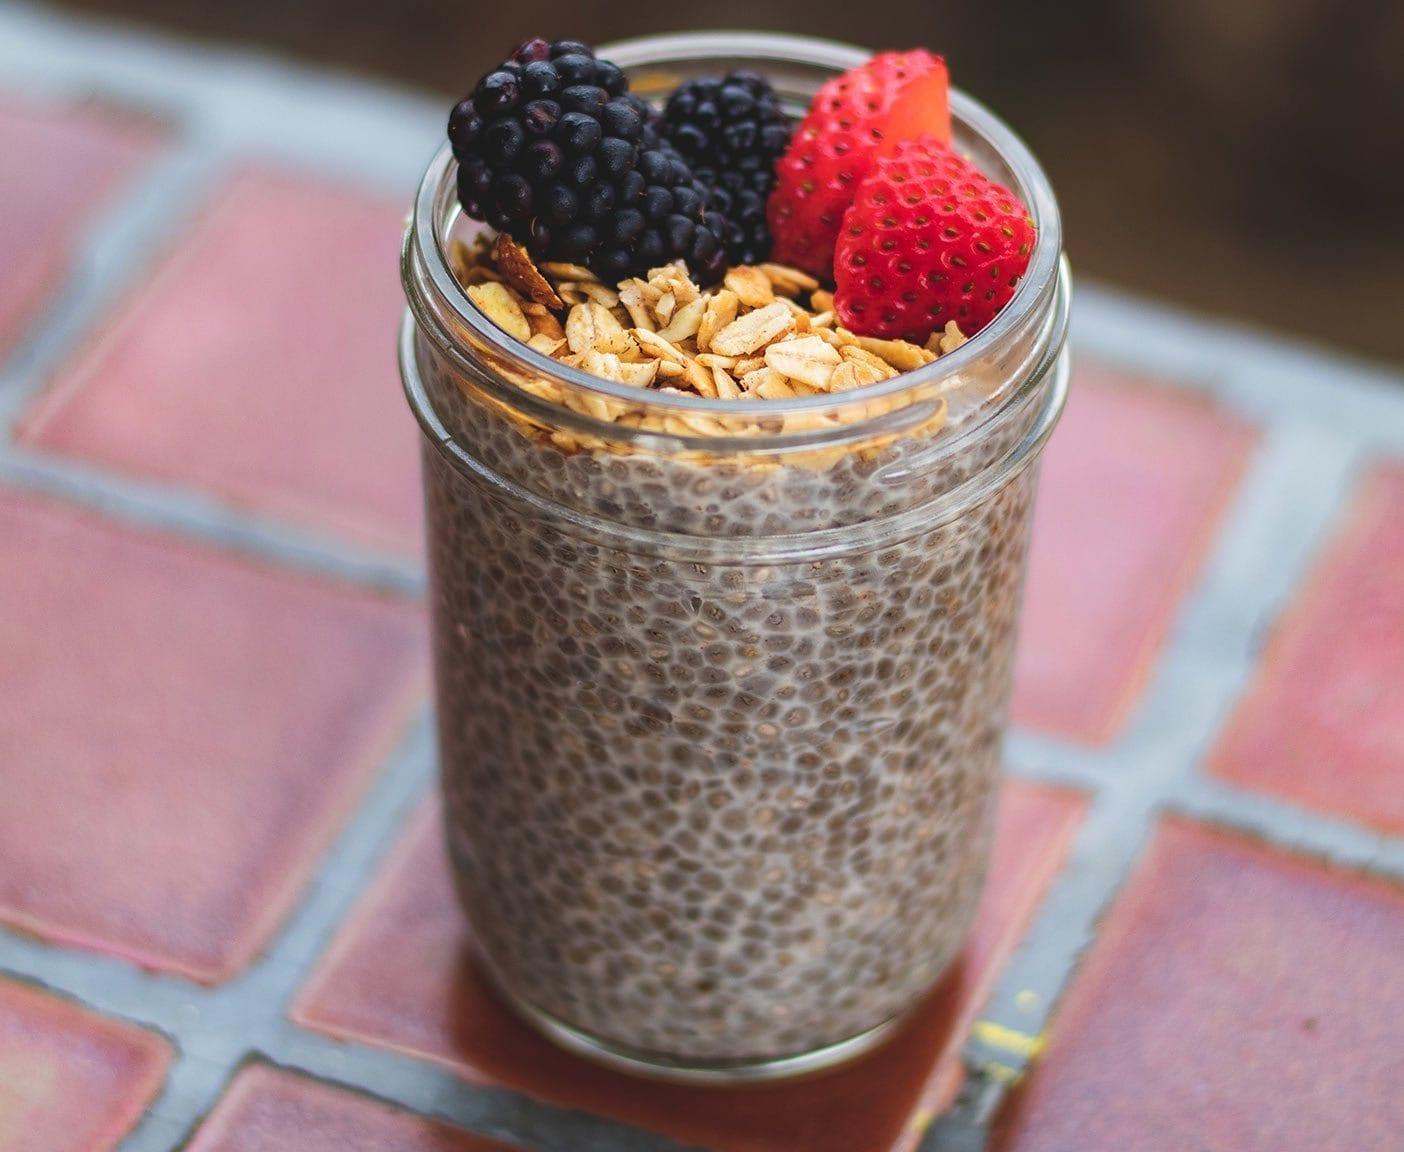 campingkueche-rezepte-oat-meal-porridge